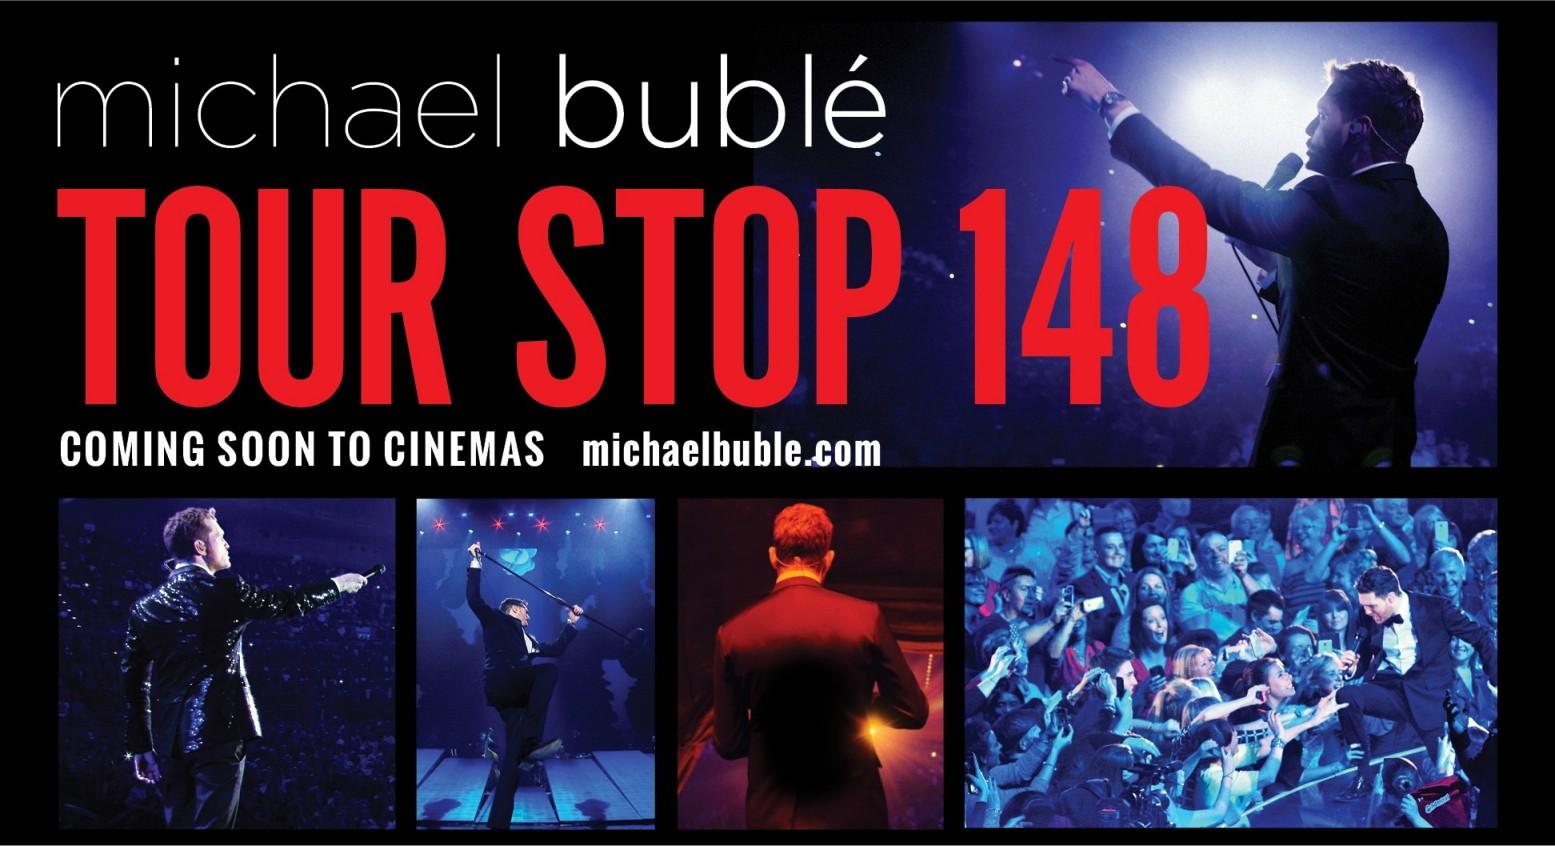 Michael Bubl� - TOUR STOP 148